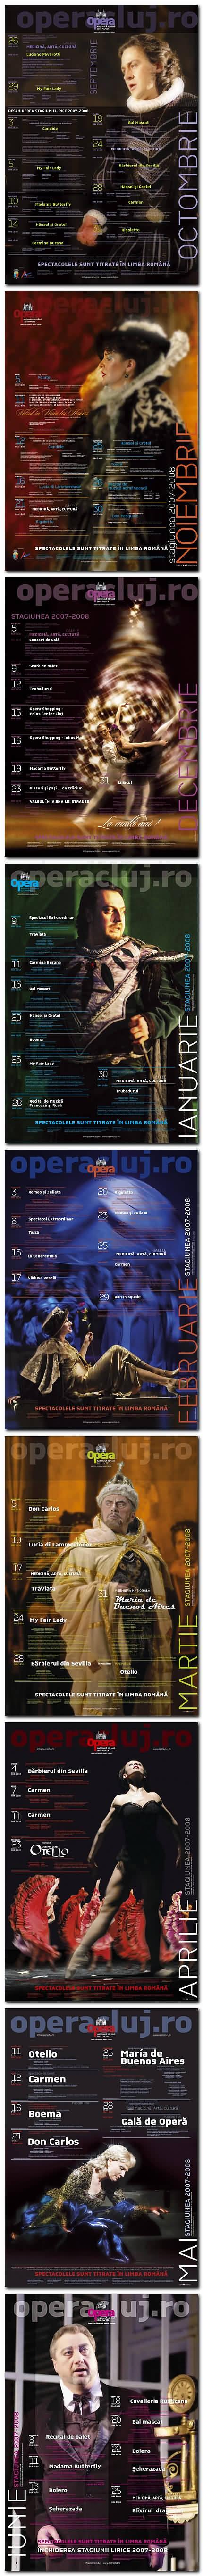 Afişe pentru stagiunea 2007-2008. Listări color 100 x 70 cm. Design: Florin Florea.